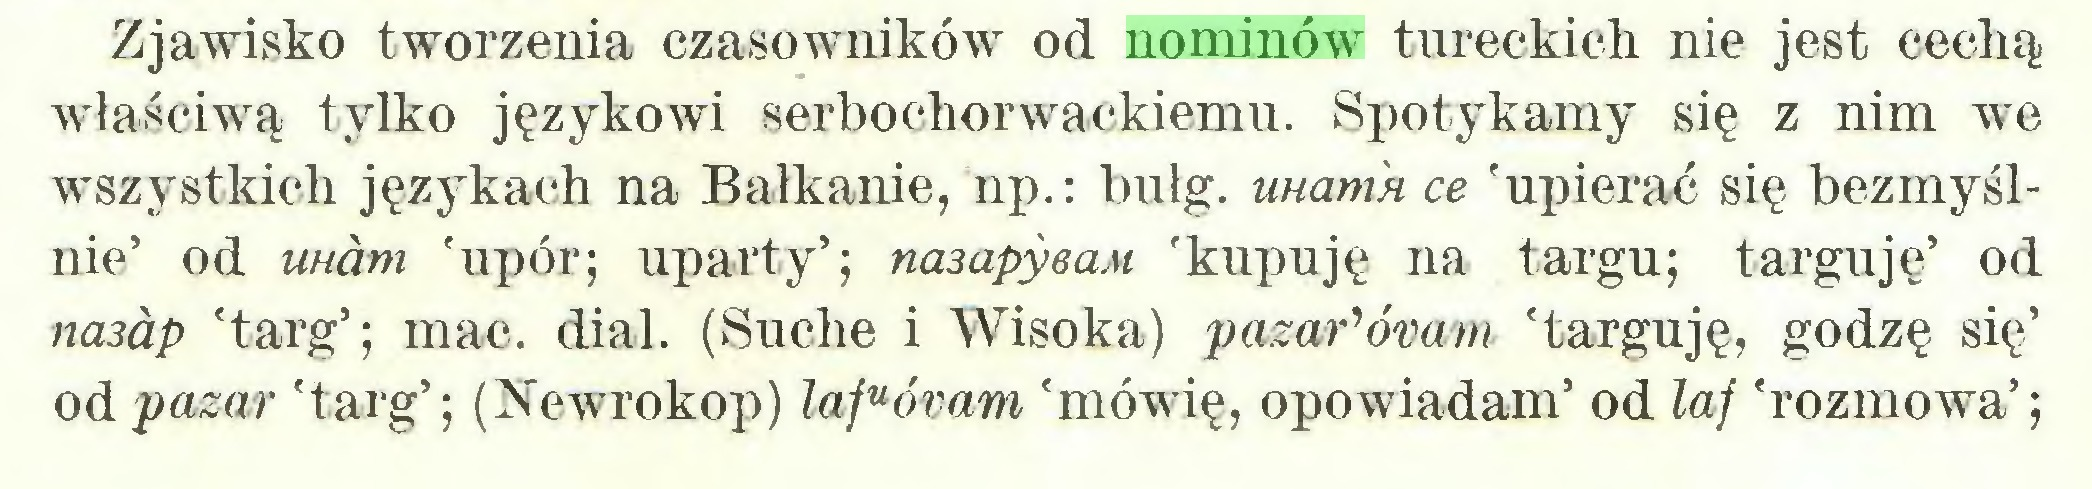 (...) Zjawisko tworzenia czasowników od nominów tureckich nie jest cechą właściwą tylko językowi serbochorwackiemu. Spotykamy się z nim we wszystkich językach na Bałkanie, np.: bułg. unamk ce 'upierać się bezmyślnie' od UHam 'upór; uparty'; na3apyeaM 'kupuję na targu; targuję' od na3ap 'targ'; mac. dial. (Suche i Wisoka) pazar^óram 'targuję, godzę się' od pazar 'targ'; (Newrokop) lafuóram 'mówię, opowiadam' od laf 'rozmowa';...